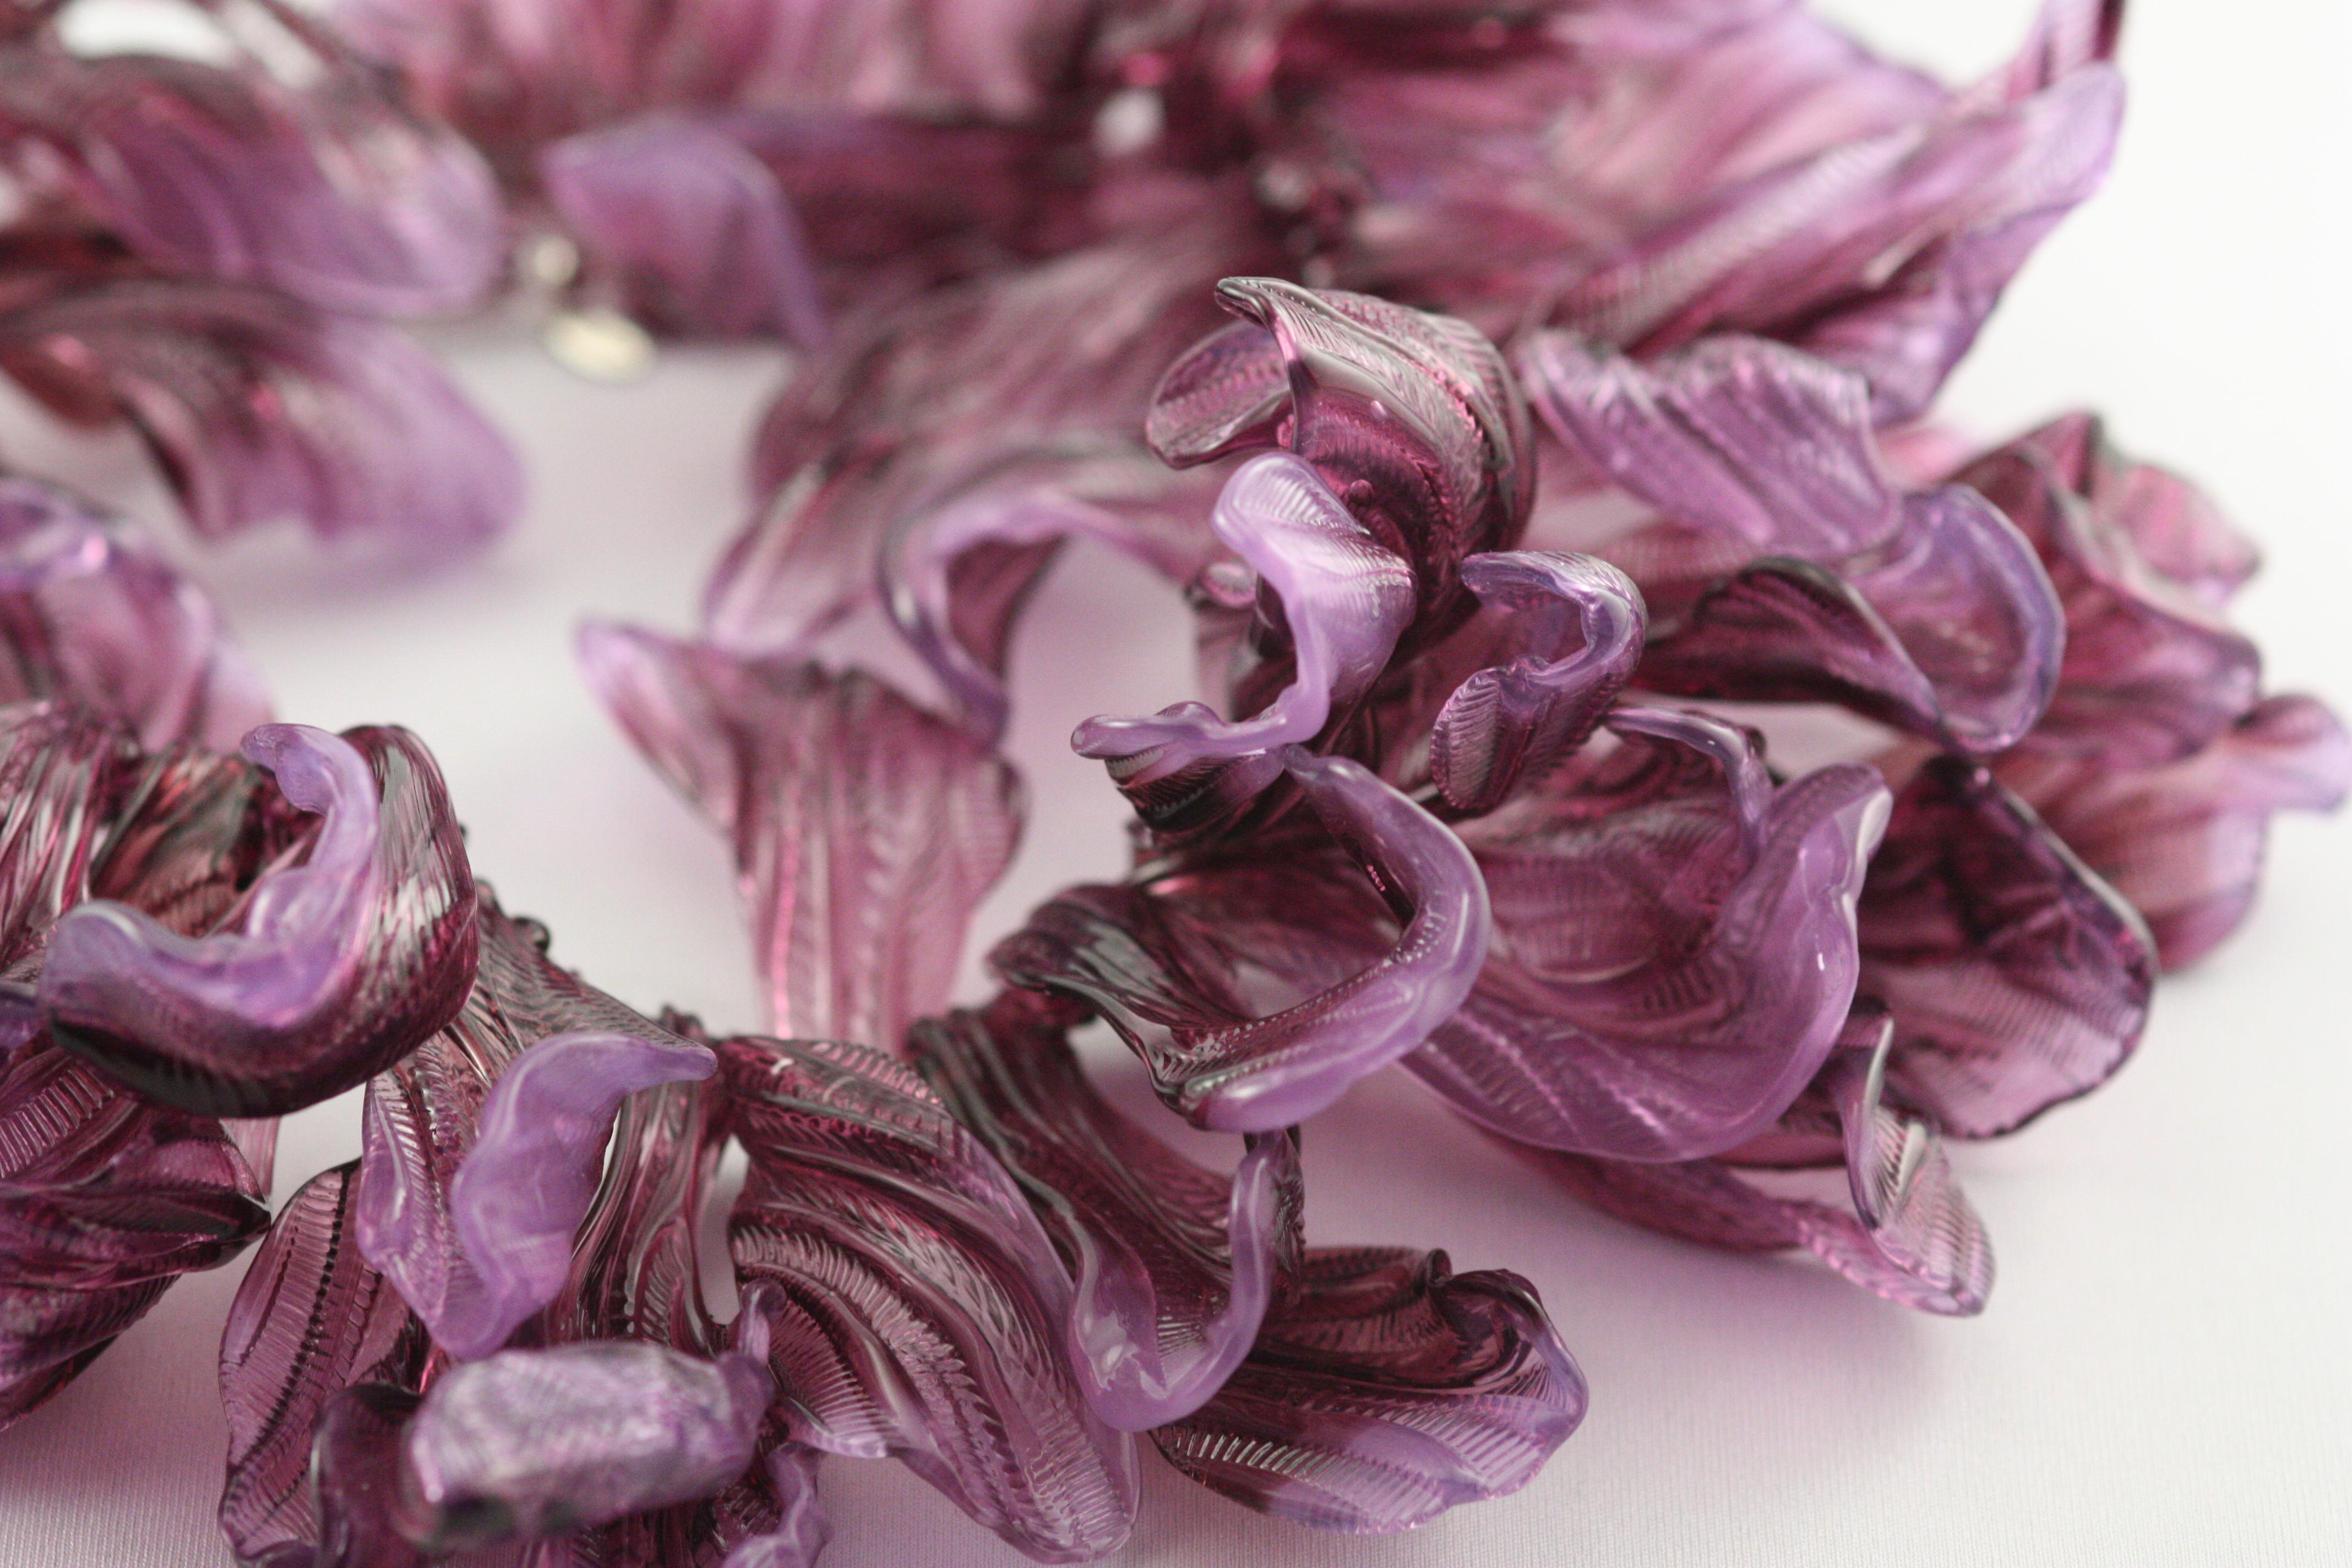 Puple magnolia necklace detail